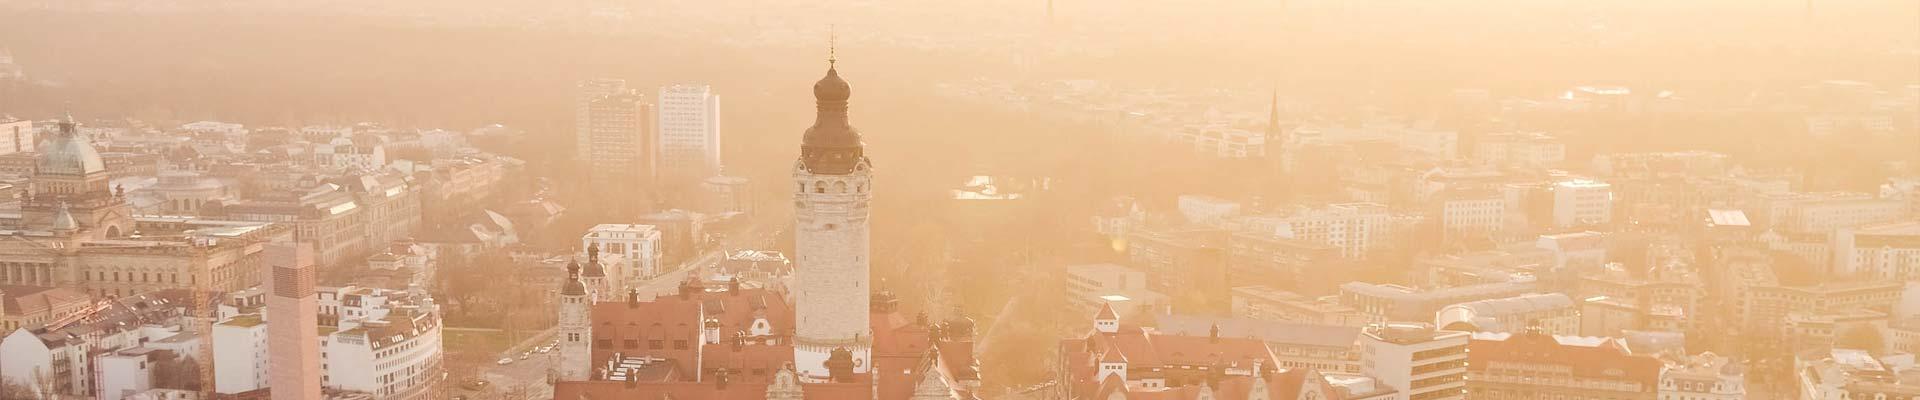 Luftbild Kanzlei Leipzig